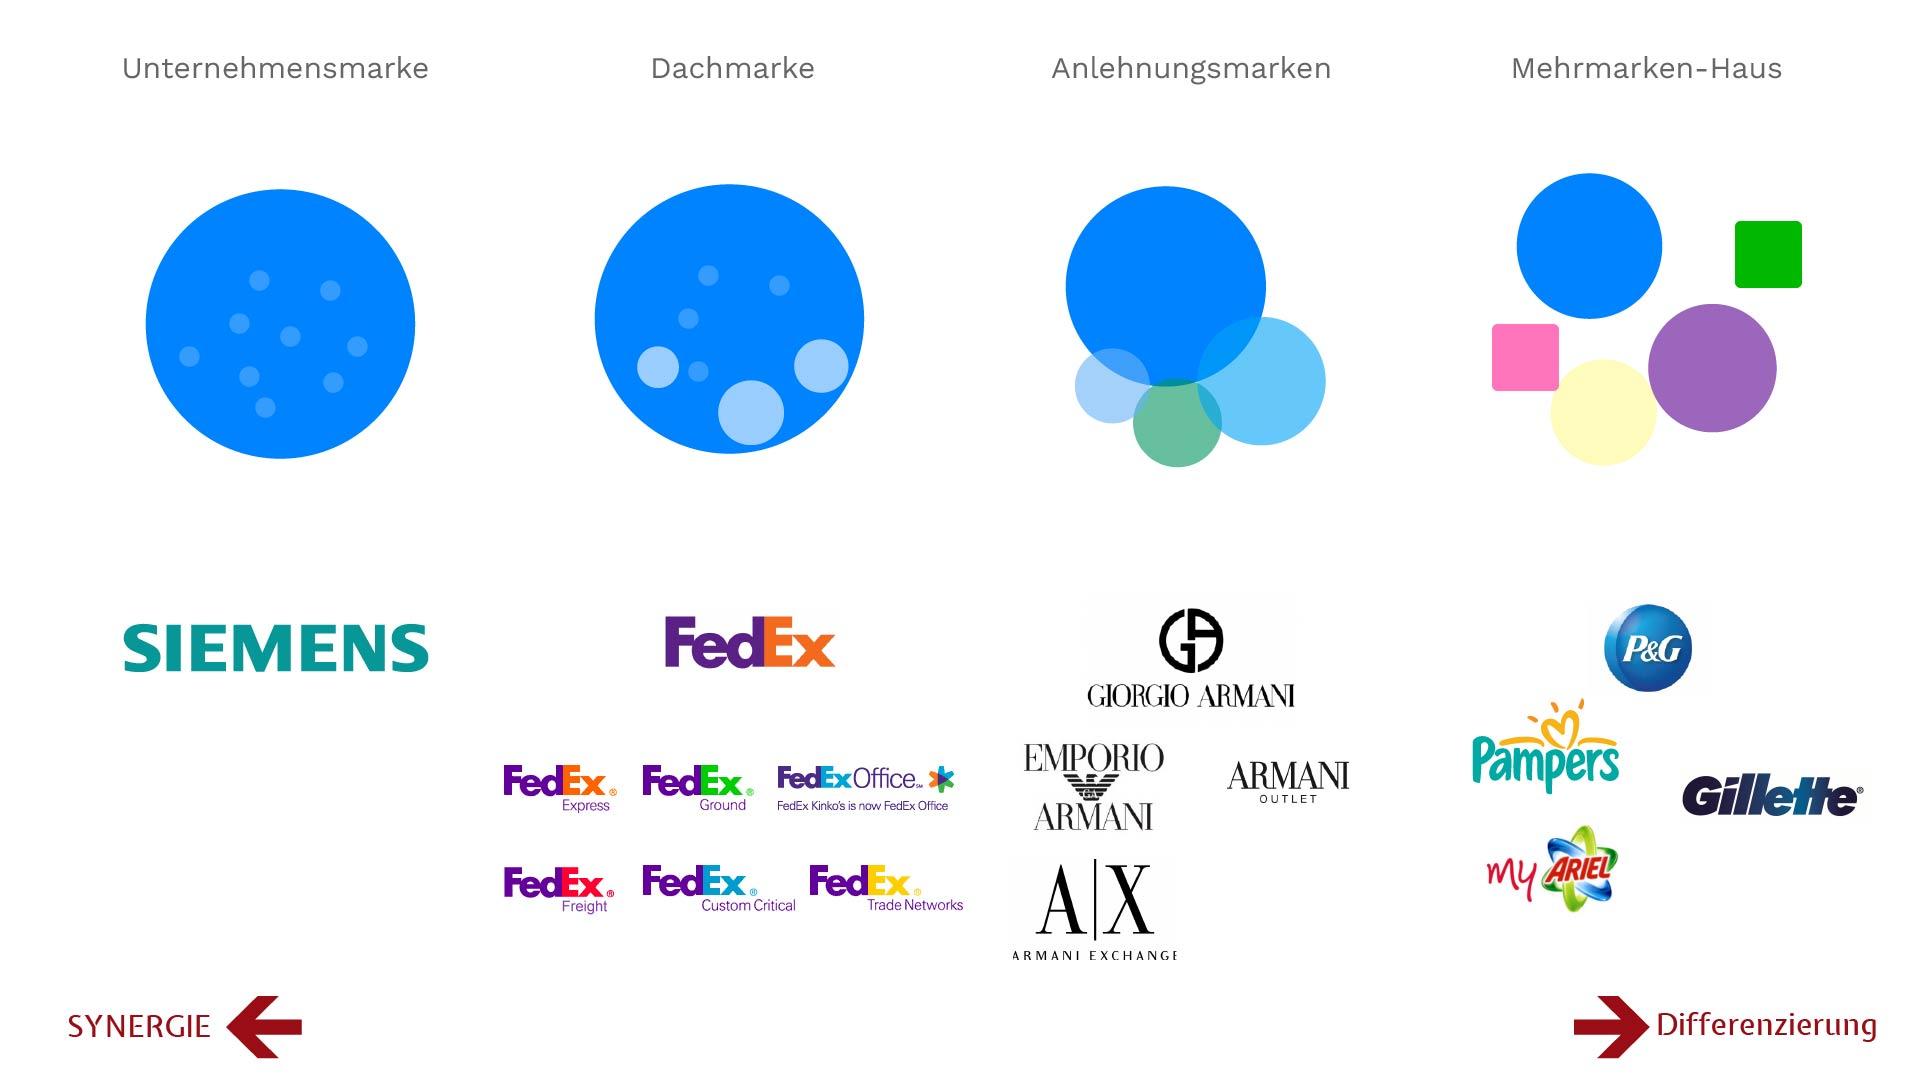 Corporate Design berücksichtigt Markenarchitektur